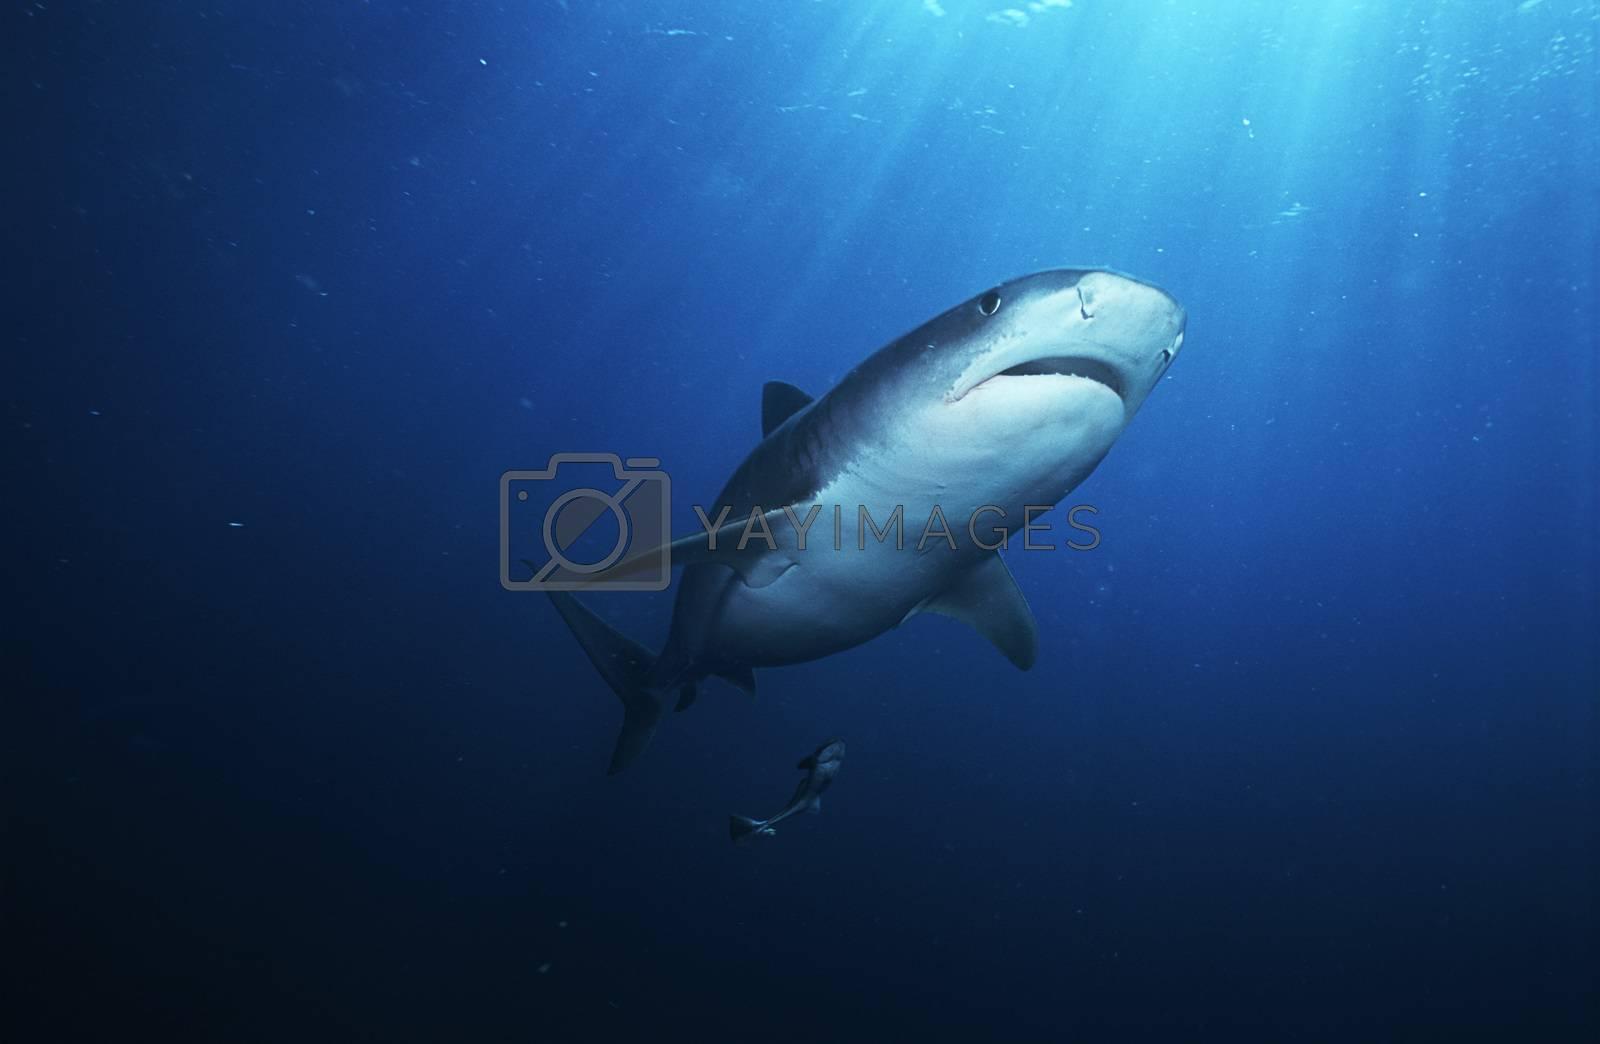 Tiger Shark (galelcerdo cuvieri) underwater view